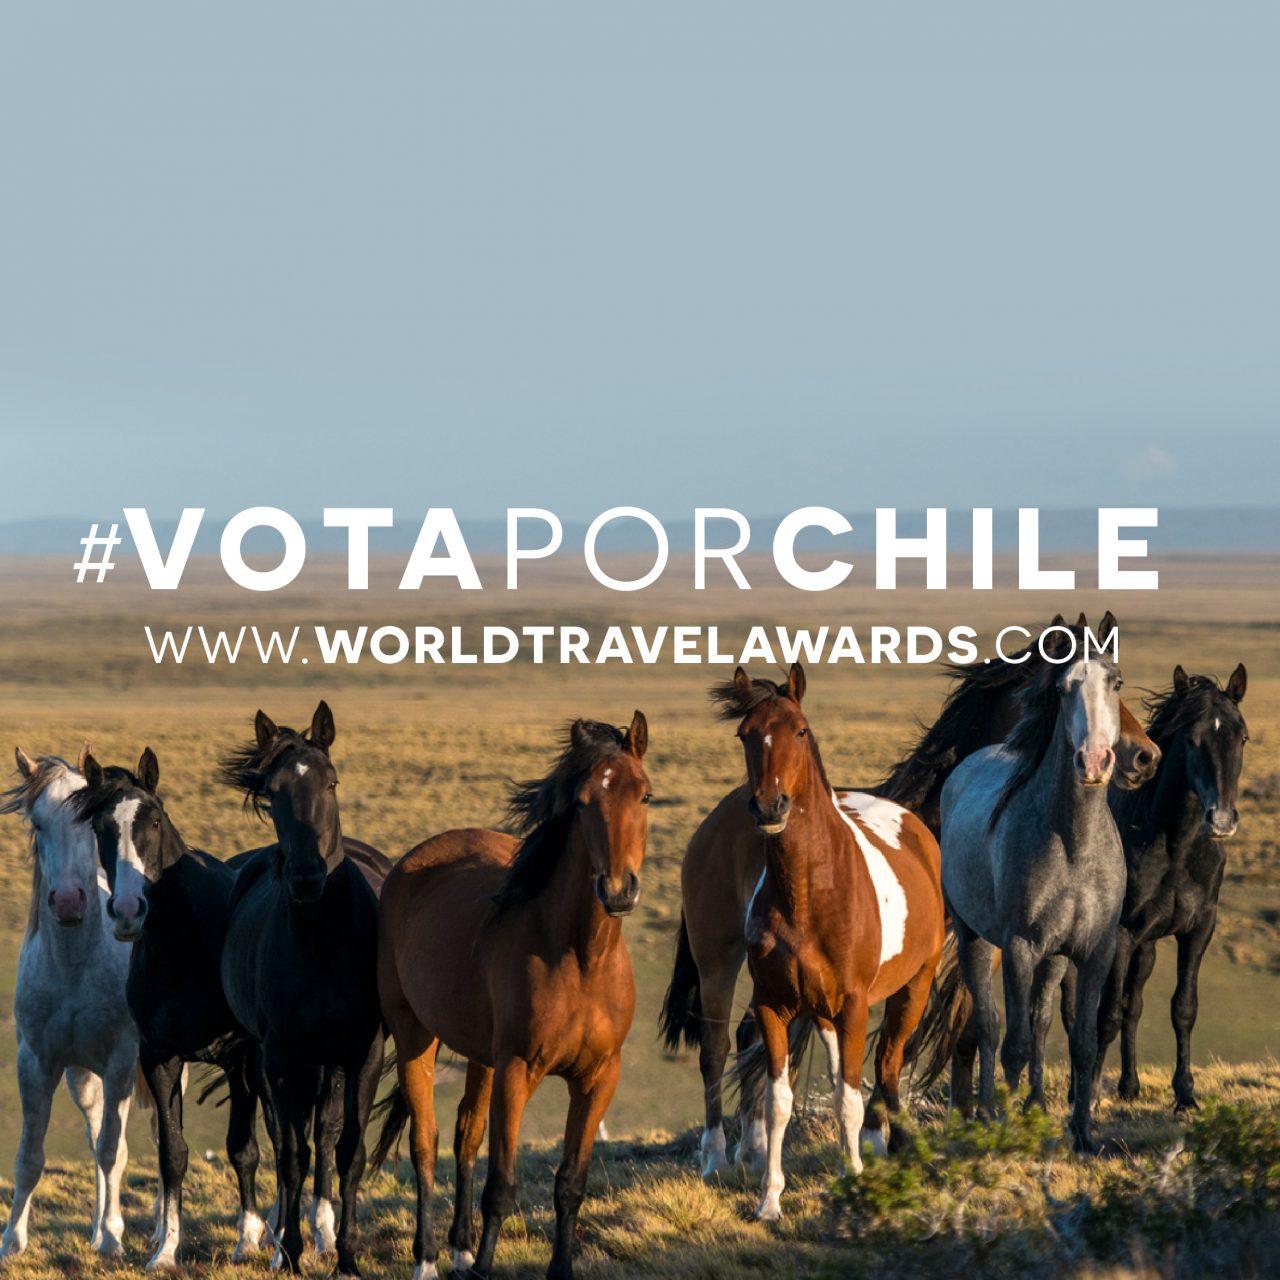 Vota por Chile: una oportunidad para que el turismo aventura se mantenga en la mente de los turistas que volverán